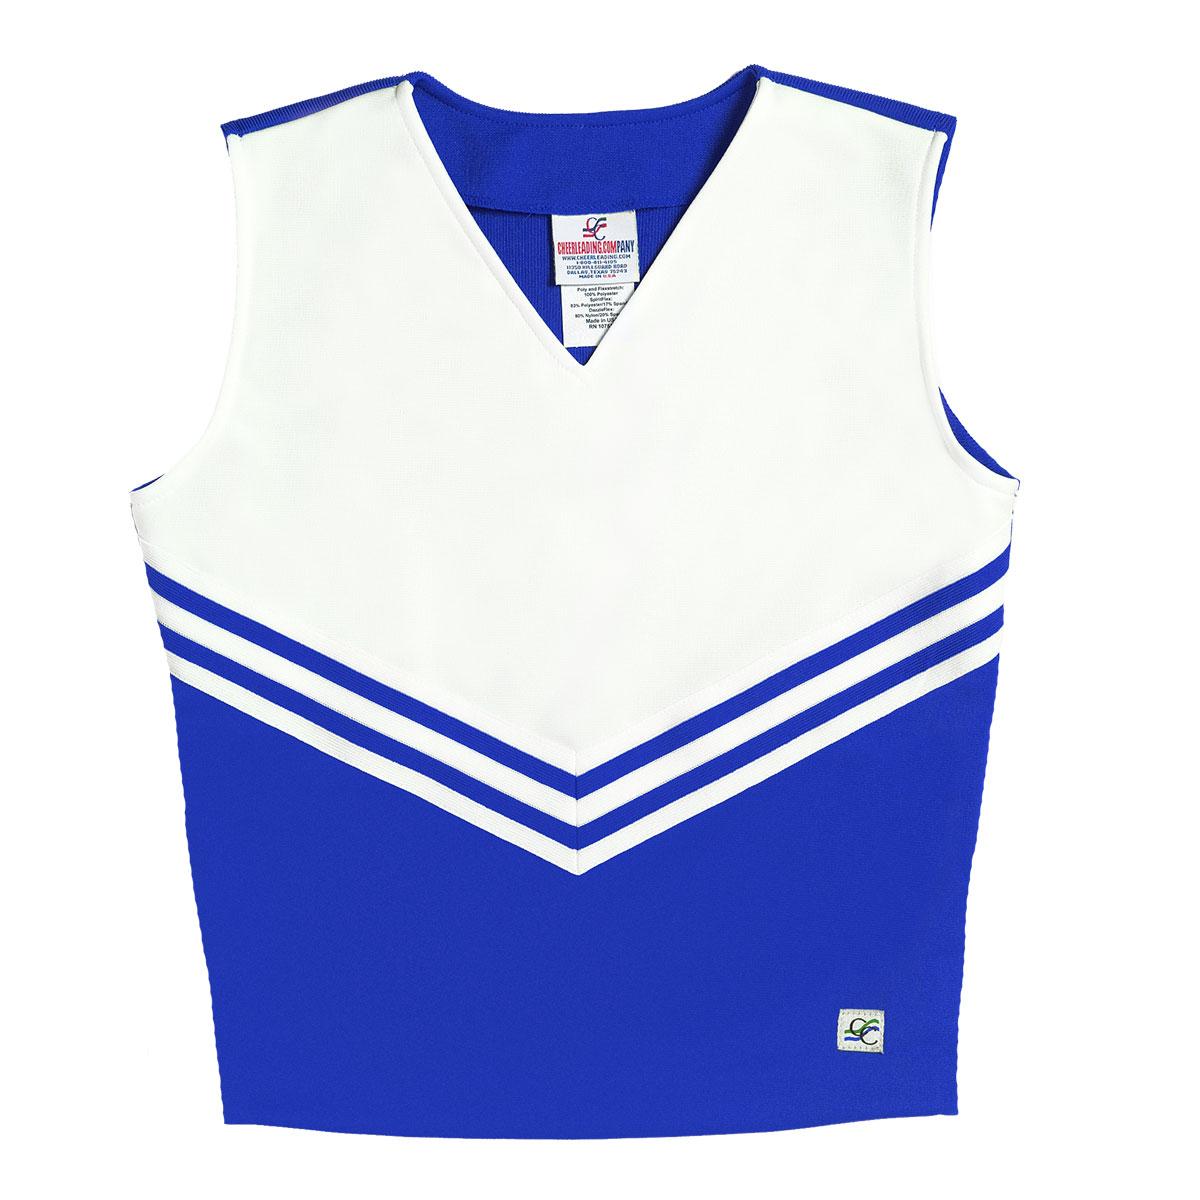 ad0231d0d3e Stock V- Neck Classic Cheer Uniform Shell Top